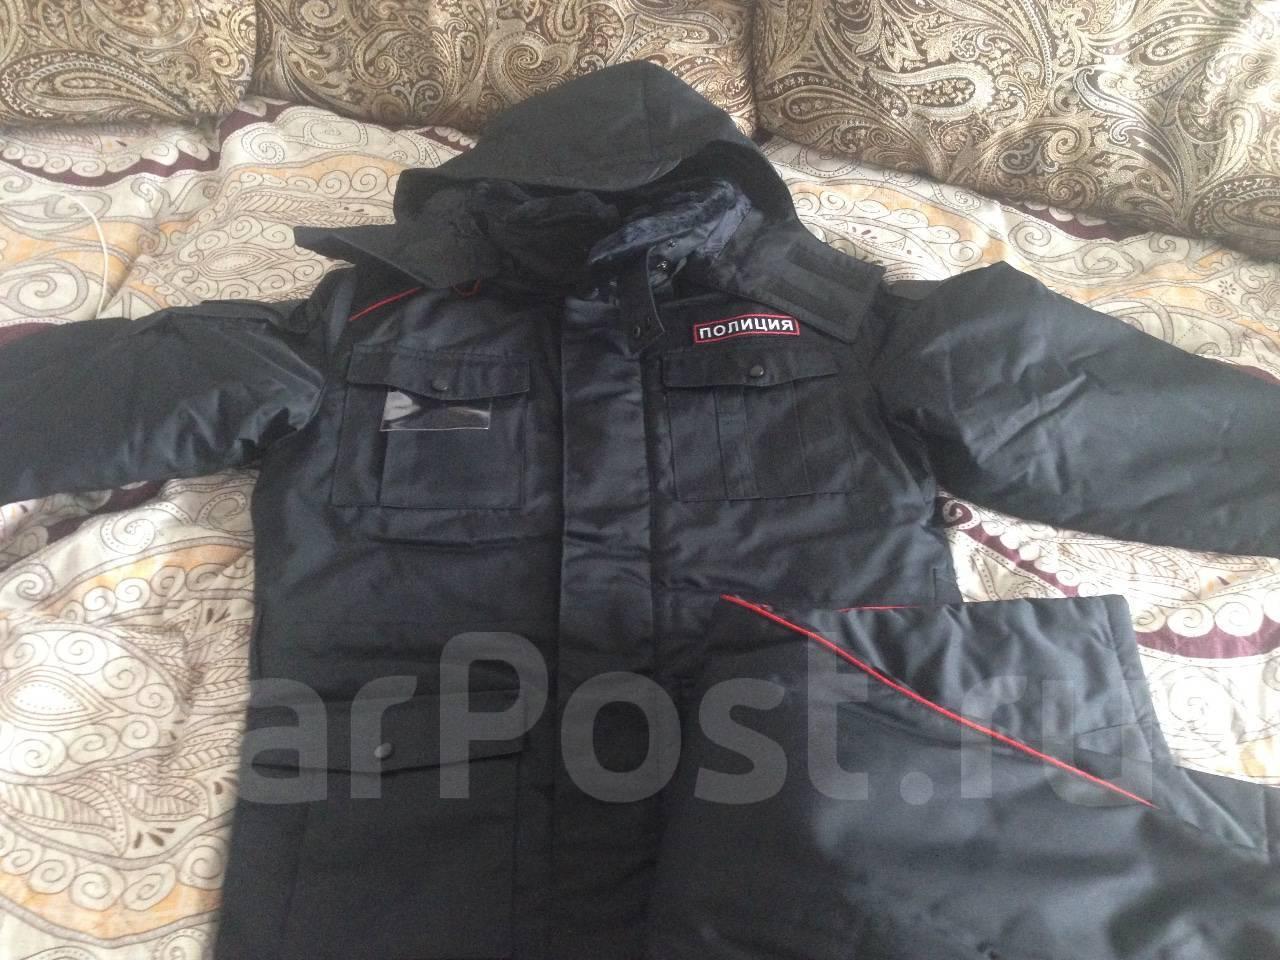 27d2578682eb Одежда для полиции, МВД купить ! Цены на спецодежду и средства защиты